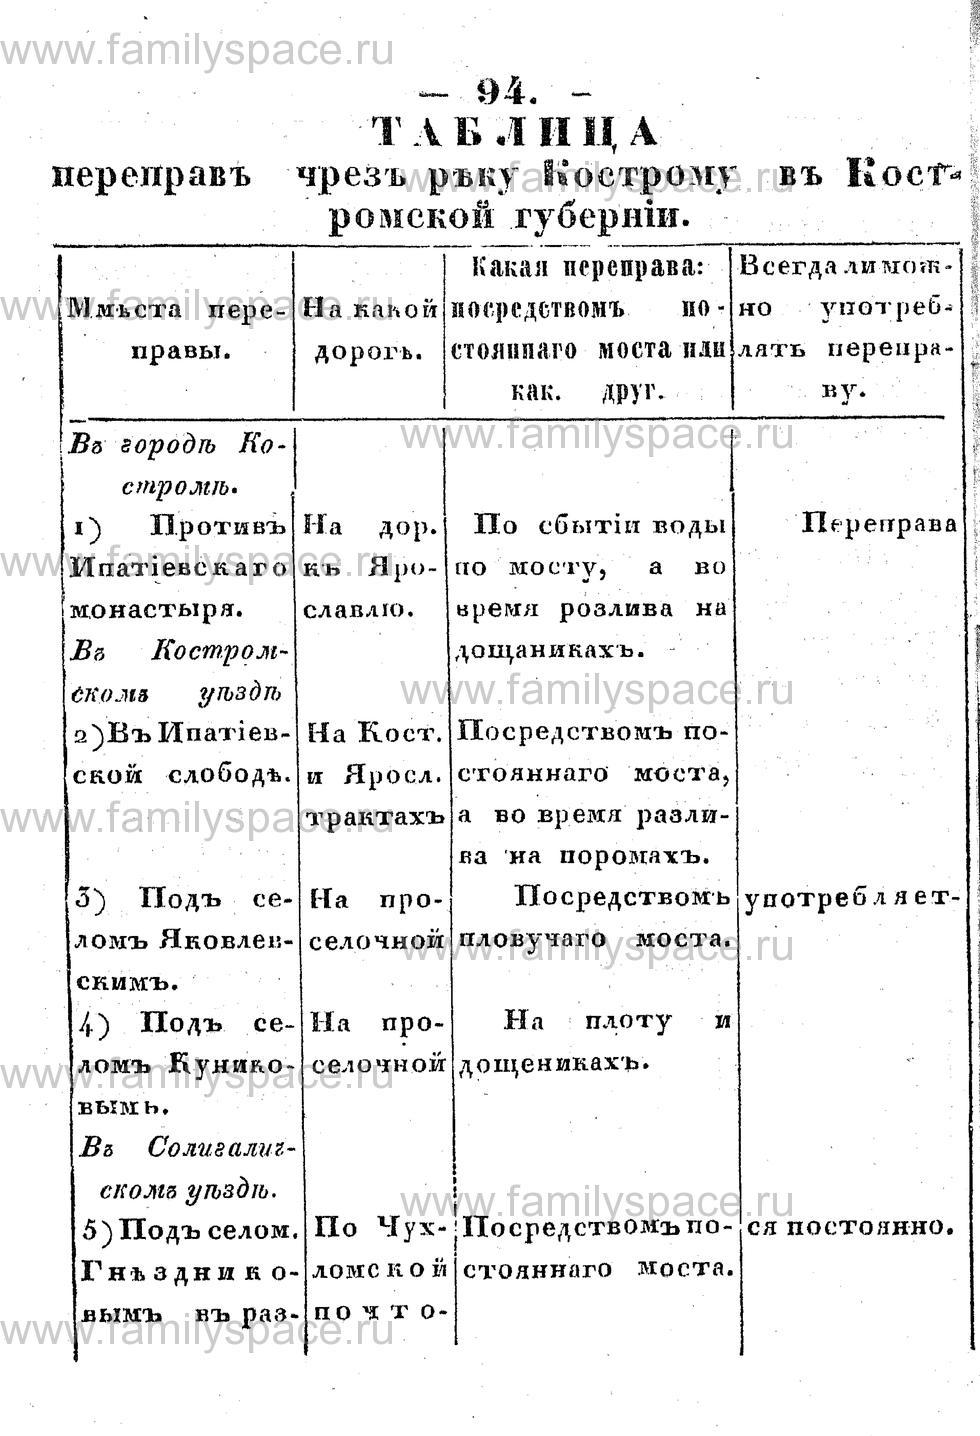 Поиск по фамилии - Памятная книжка Костромской губернии на 1853 год, страница 94